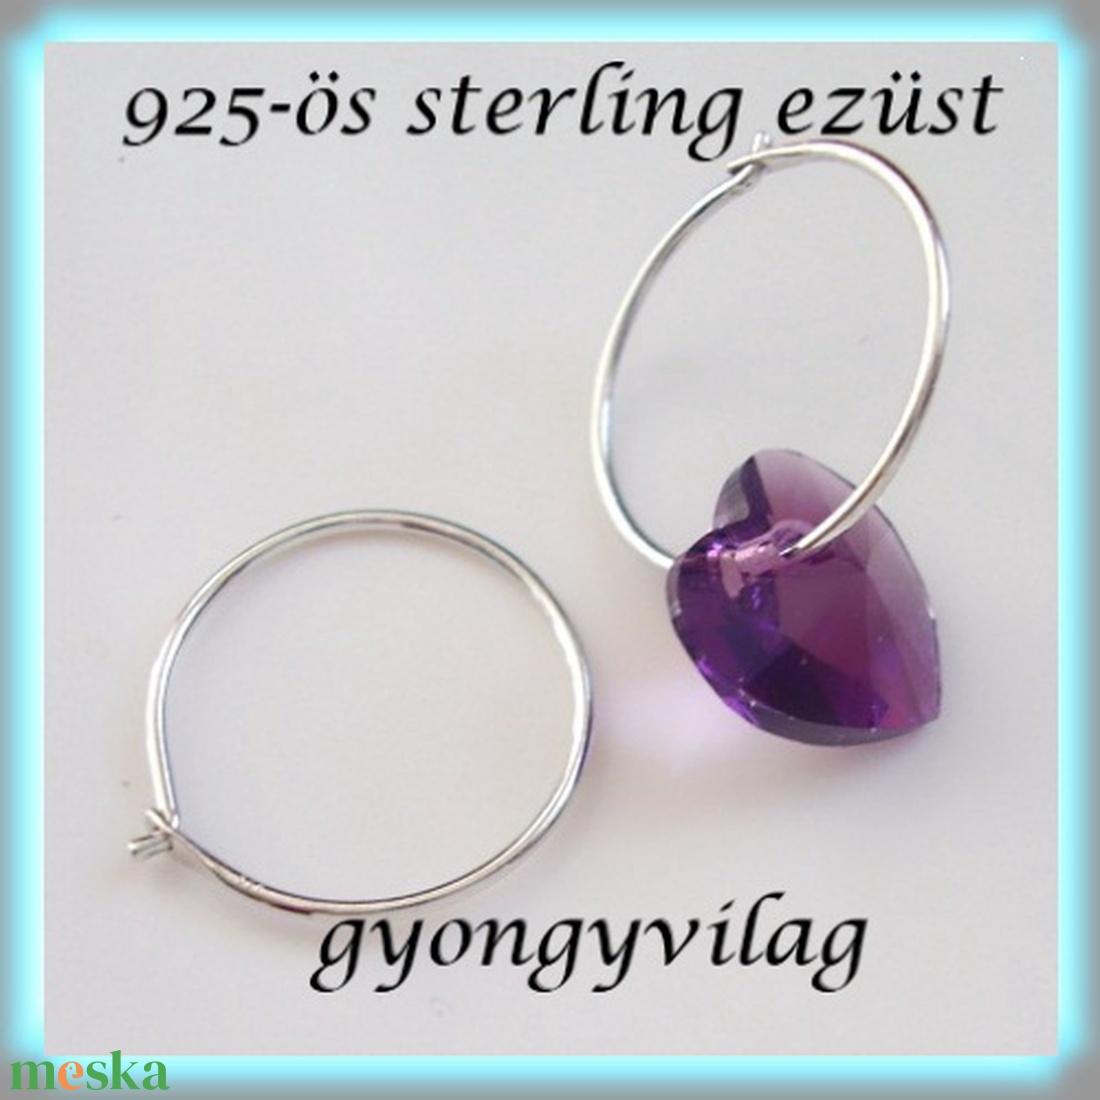 925-ös ezüst fülbevaló kapocs biztonsági kapoccsal EFK K 07 - gyöngy, ékszerkellék - egyéb alkatrész - Meska.hu